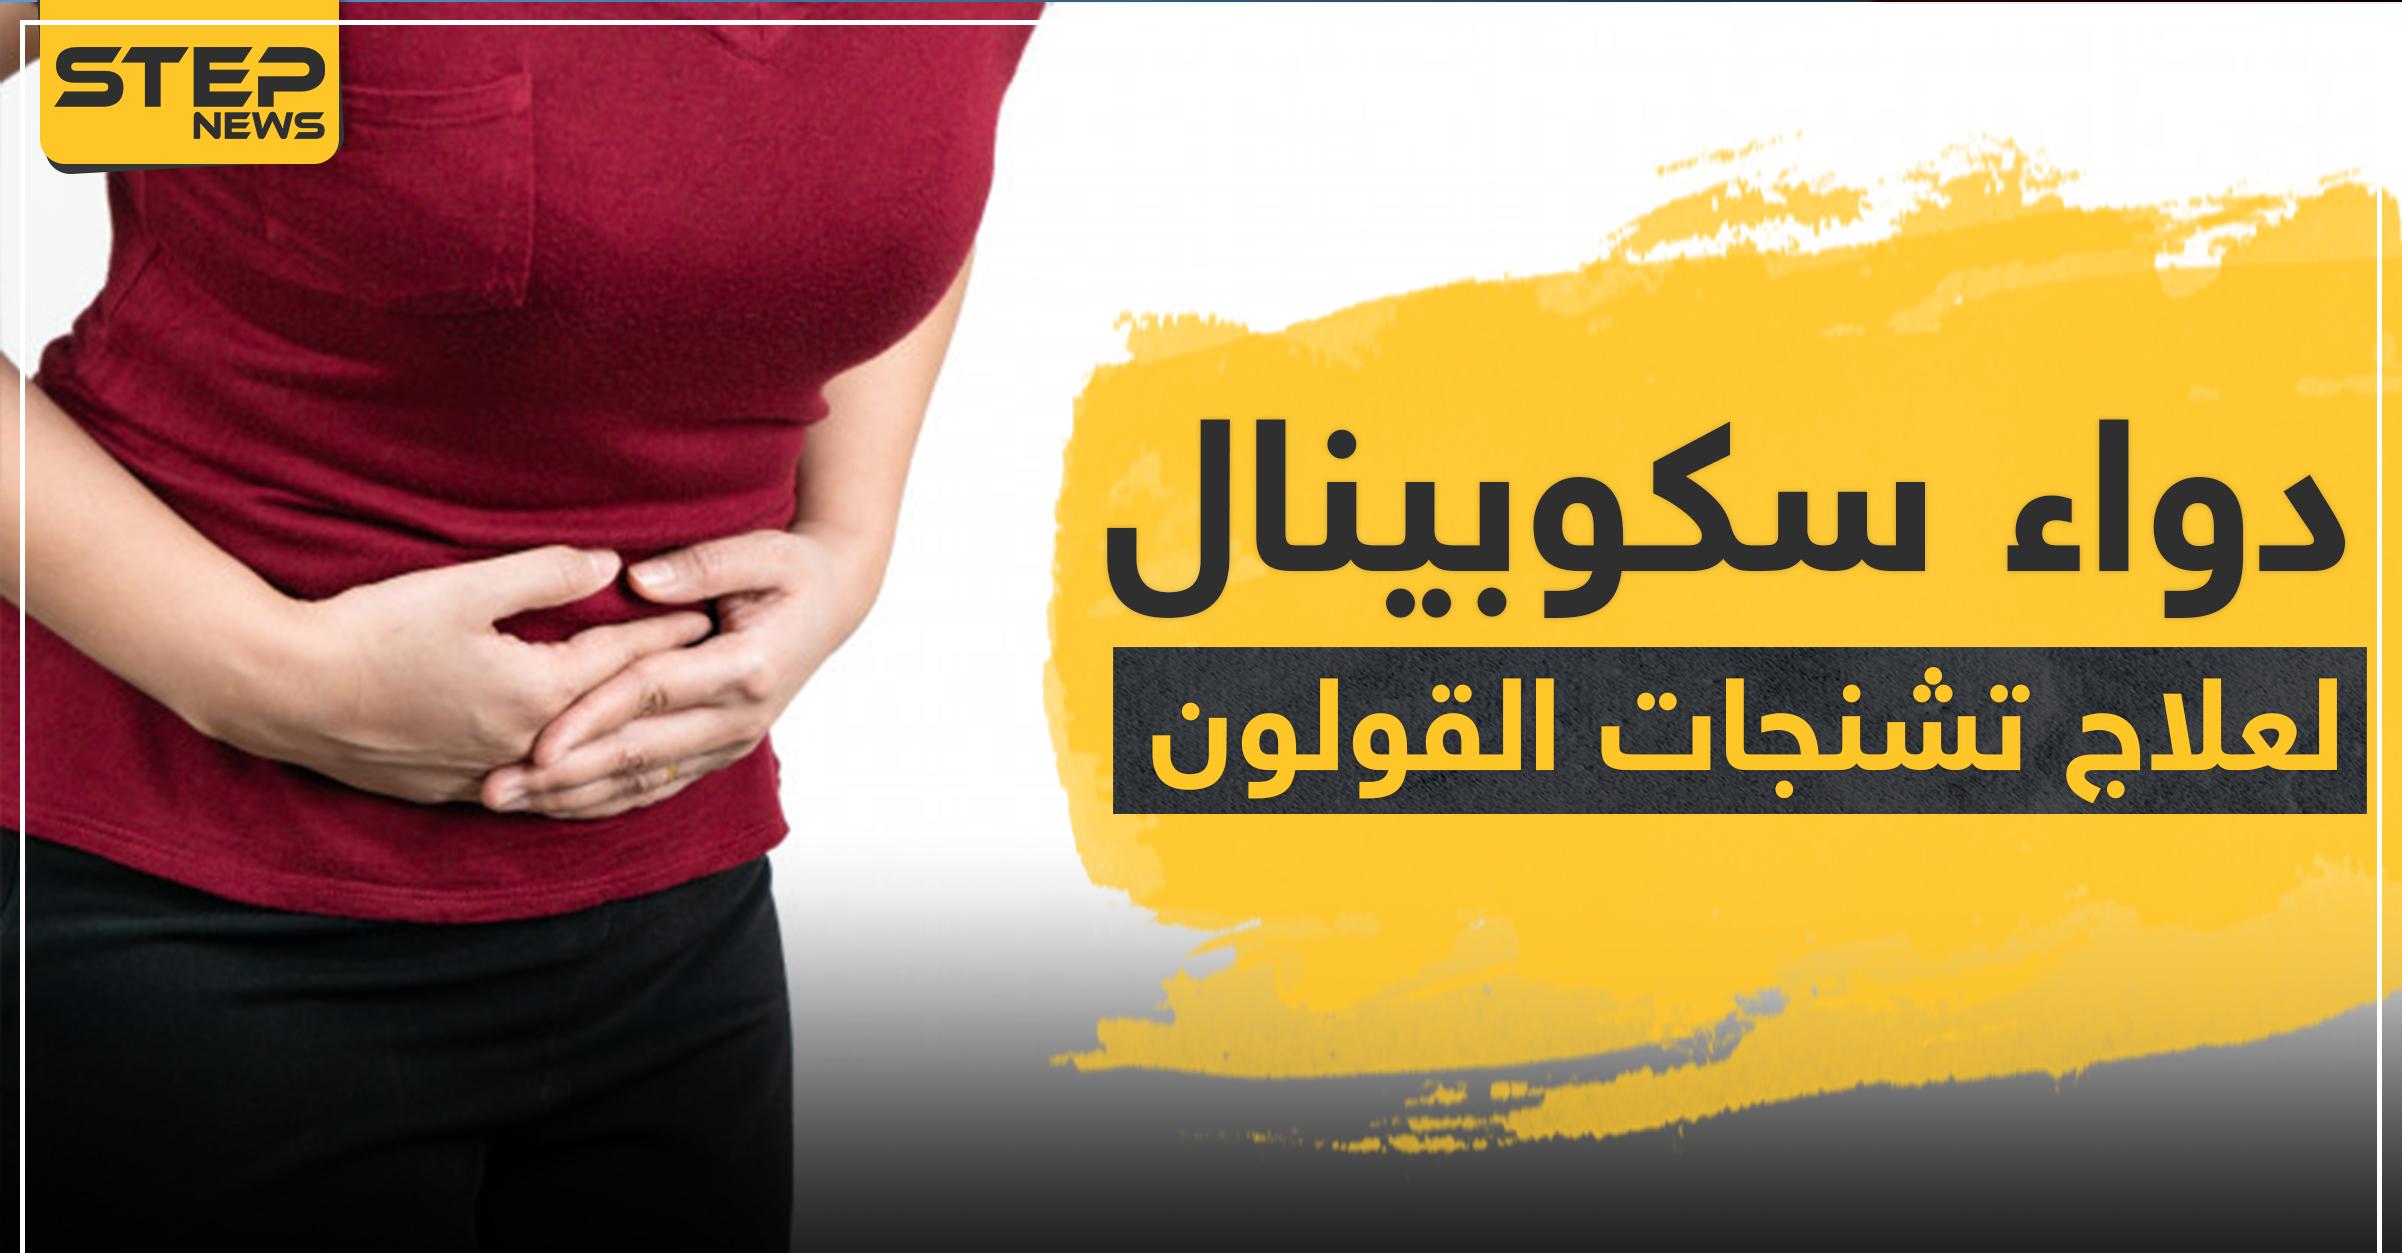 دواء سكوبينال لعلاج تشنجات القولون